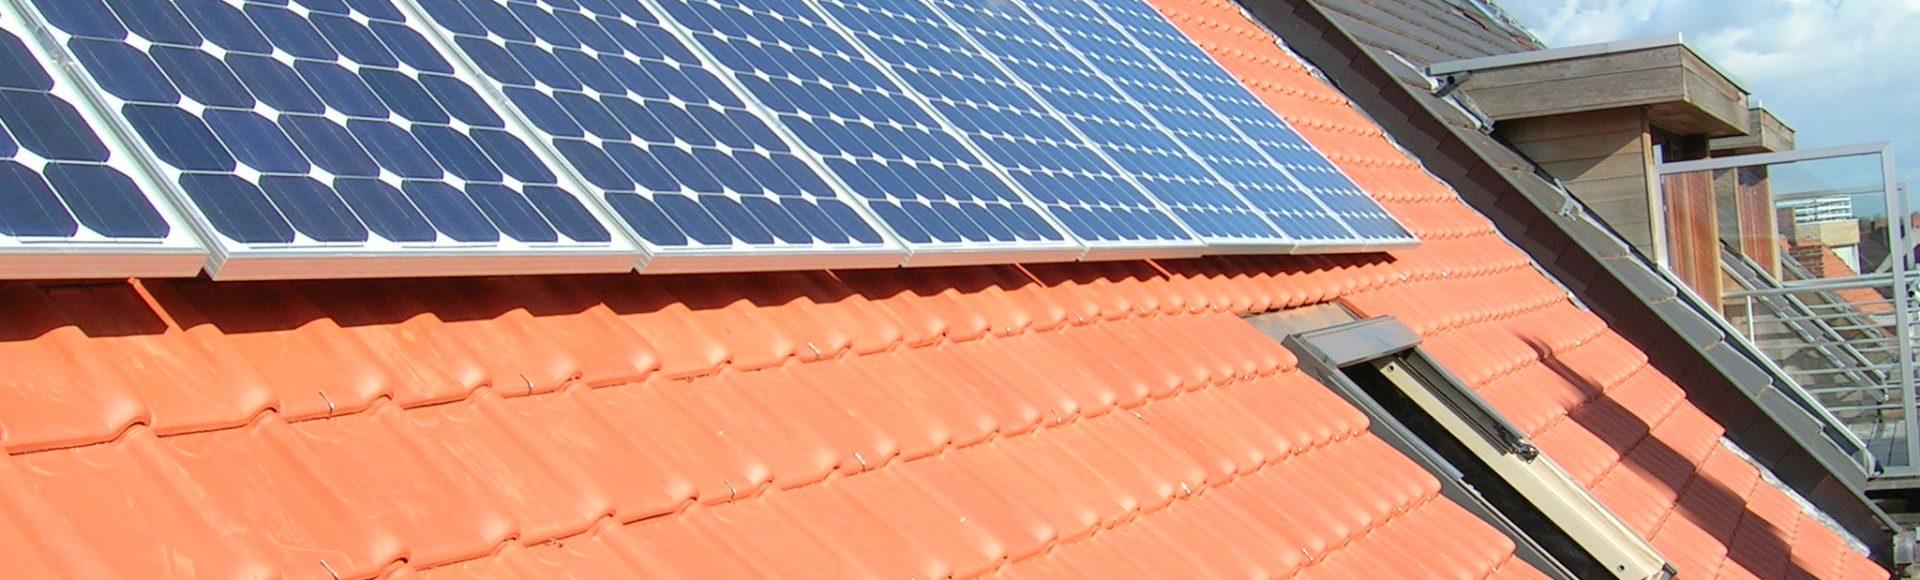 Daken met zonnepanelen